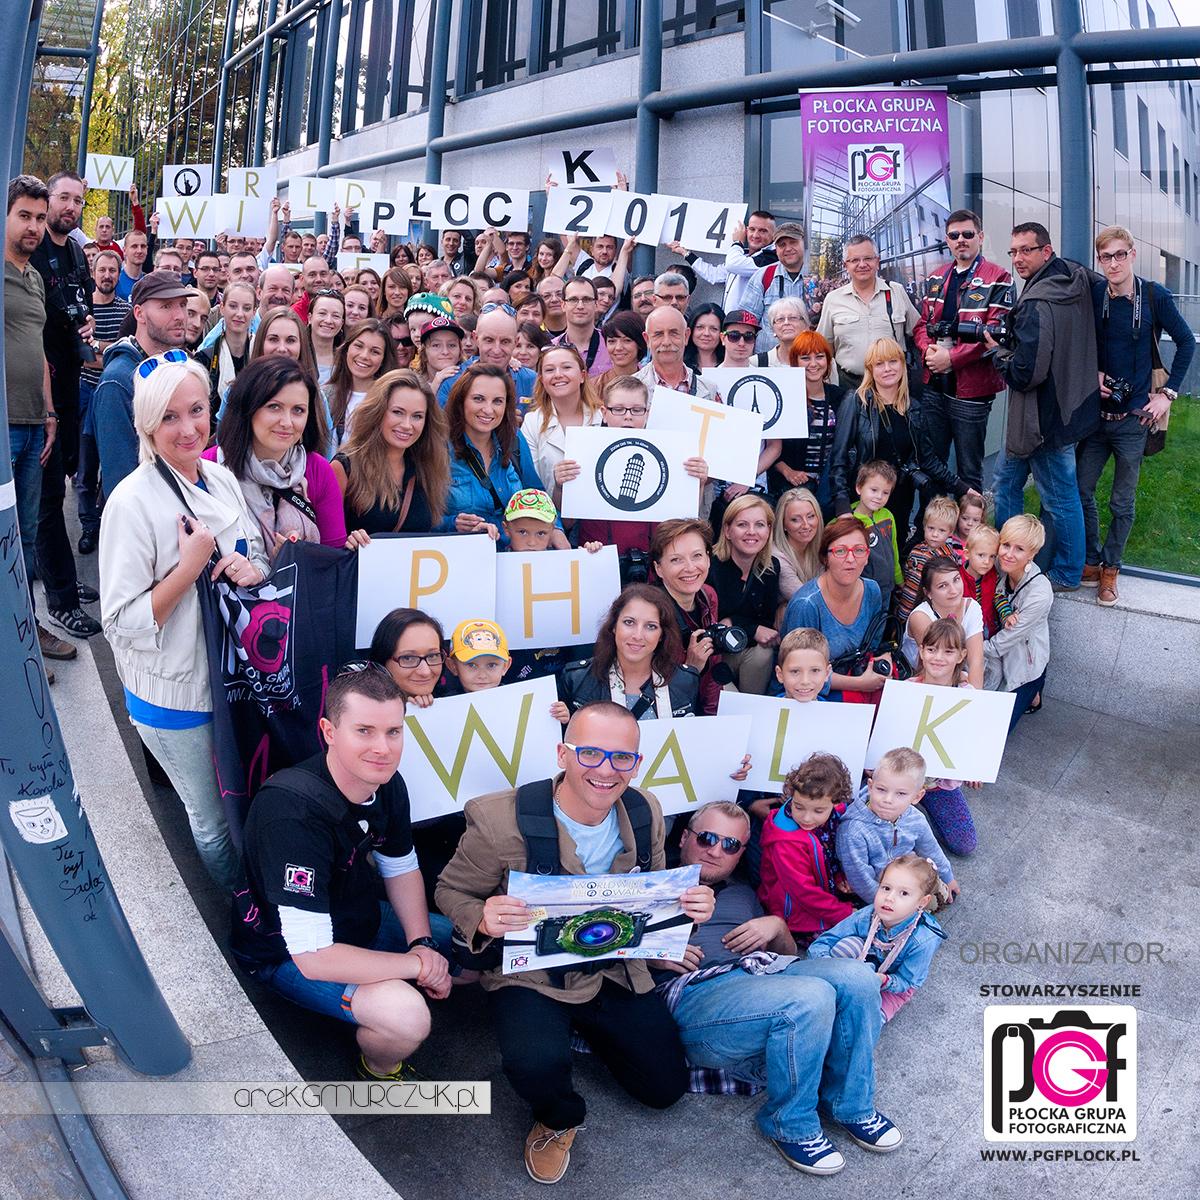 Ponad 100 osób na płockiej edycji największego na świecie spaceru fotograficznego Worldwide Photo Walk Płock 2014!